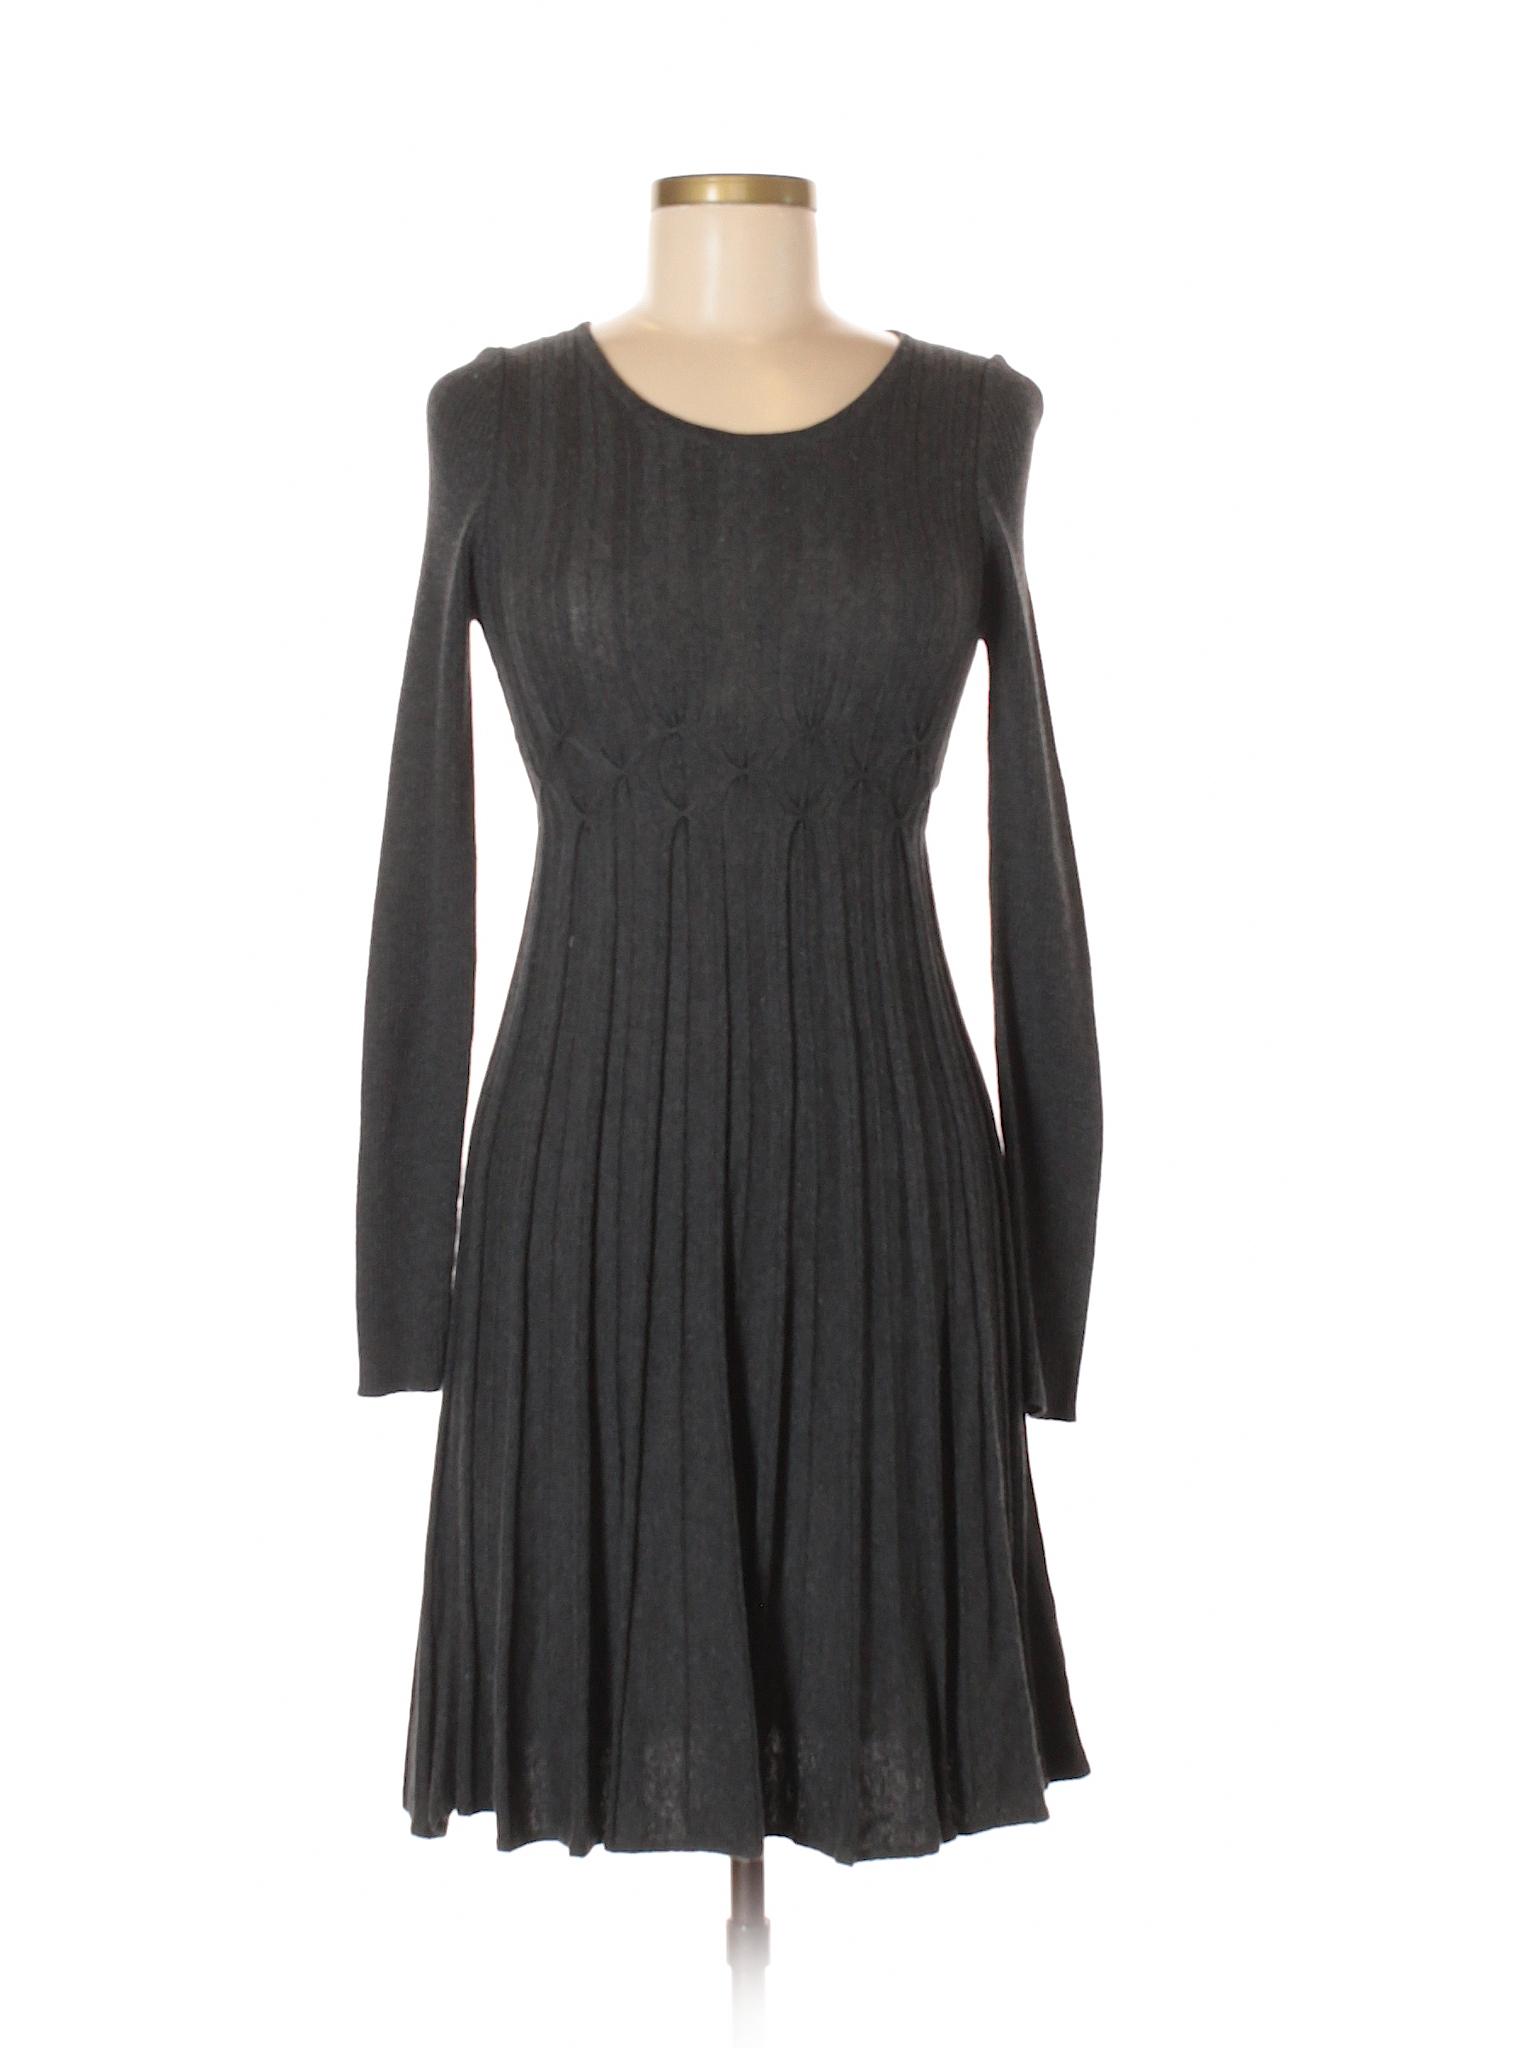 Casual Dress Selling Max Dress Dress Selling Studio Studio Selling Casual Max Casual Max Studio 5tq4Y8